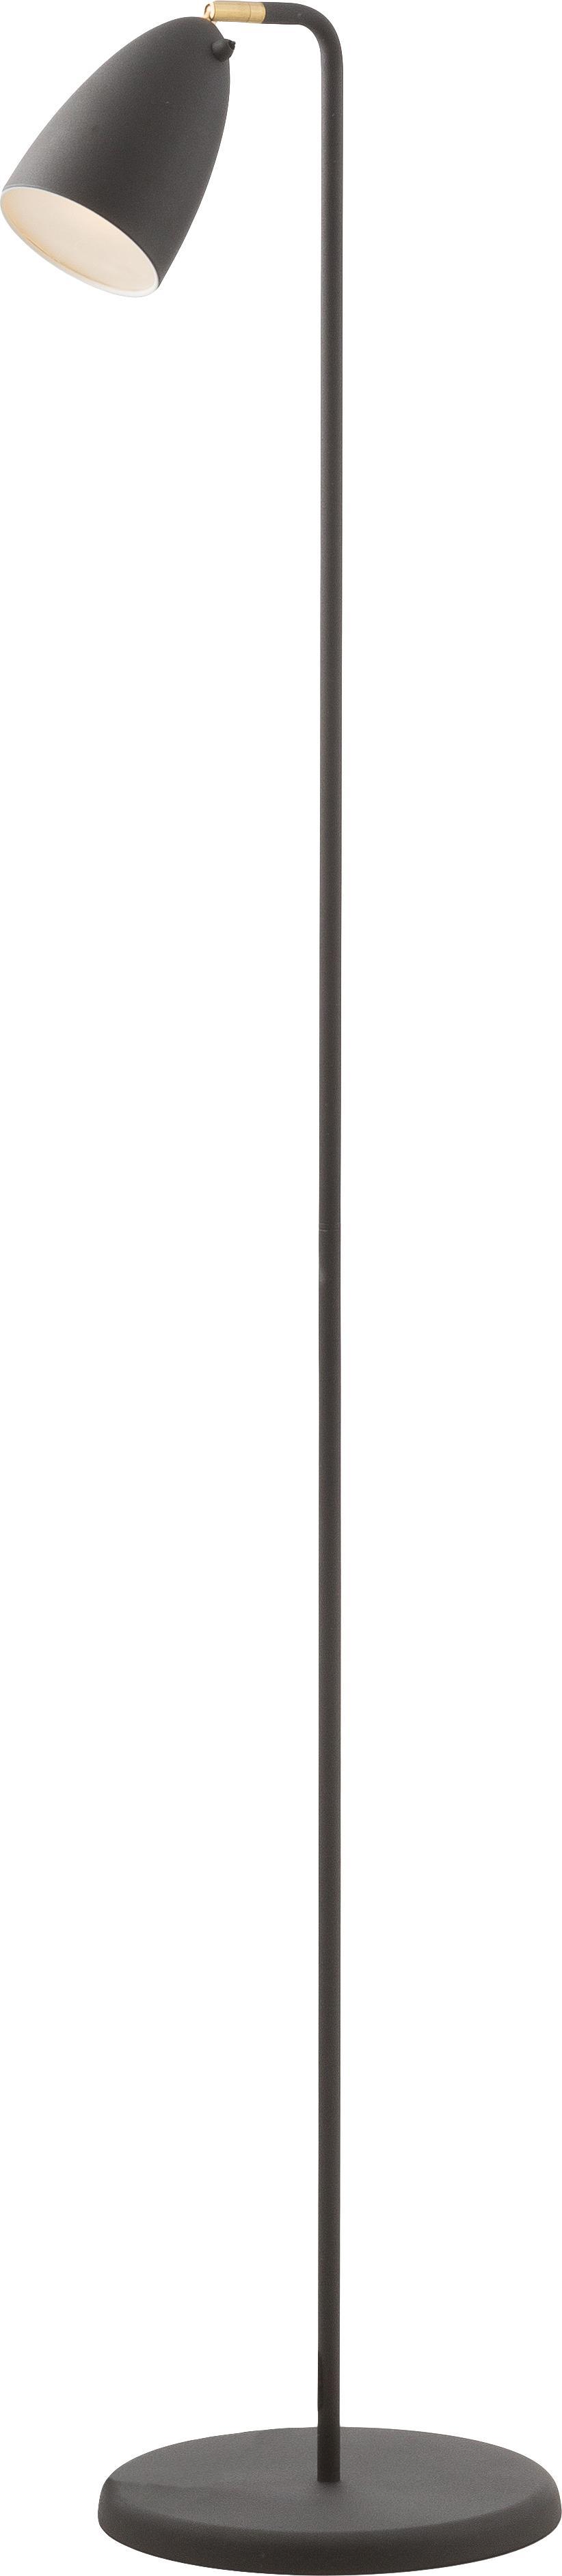 LED-Leselampe Nexus 10, verstellbar, Drehgelenk: Metall, vermessingt, Schwarz, Ø 26 x H 142 cm